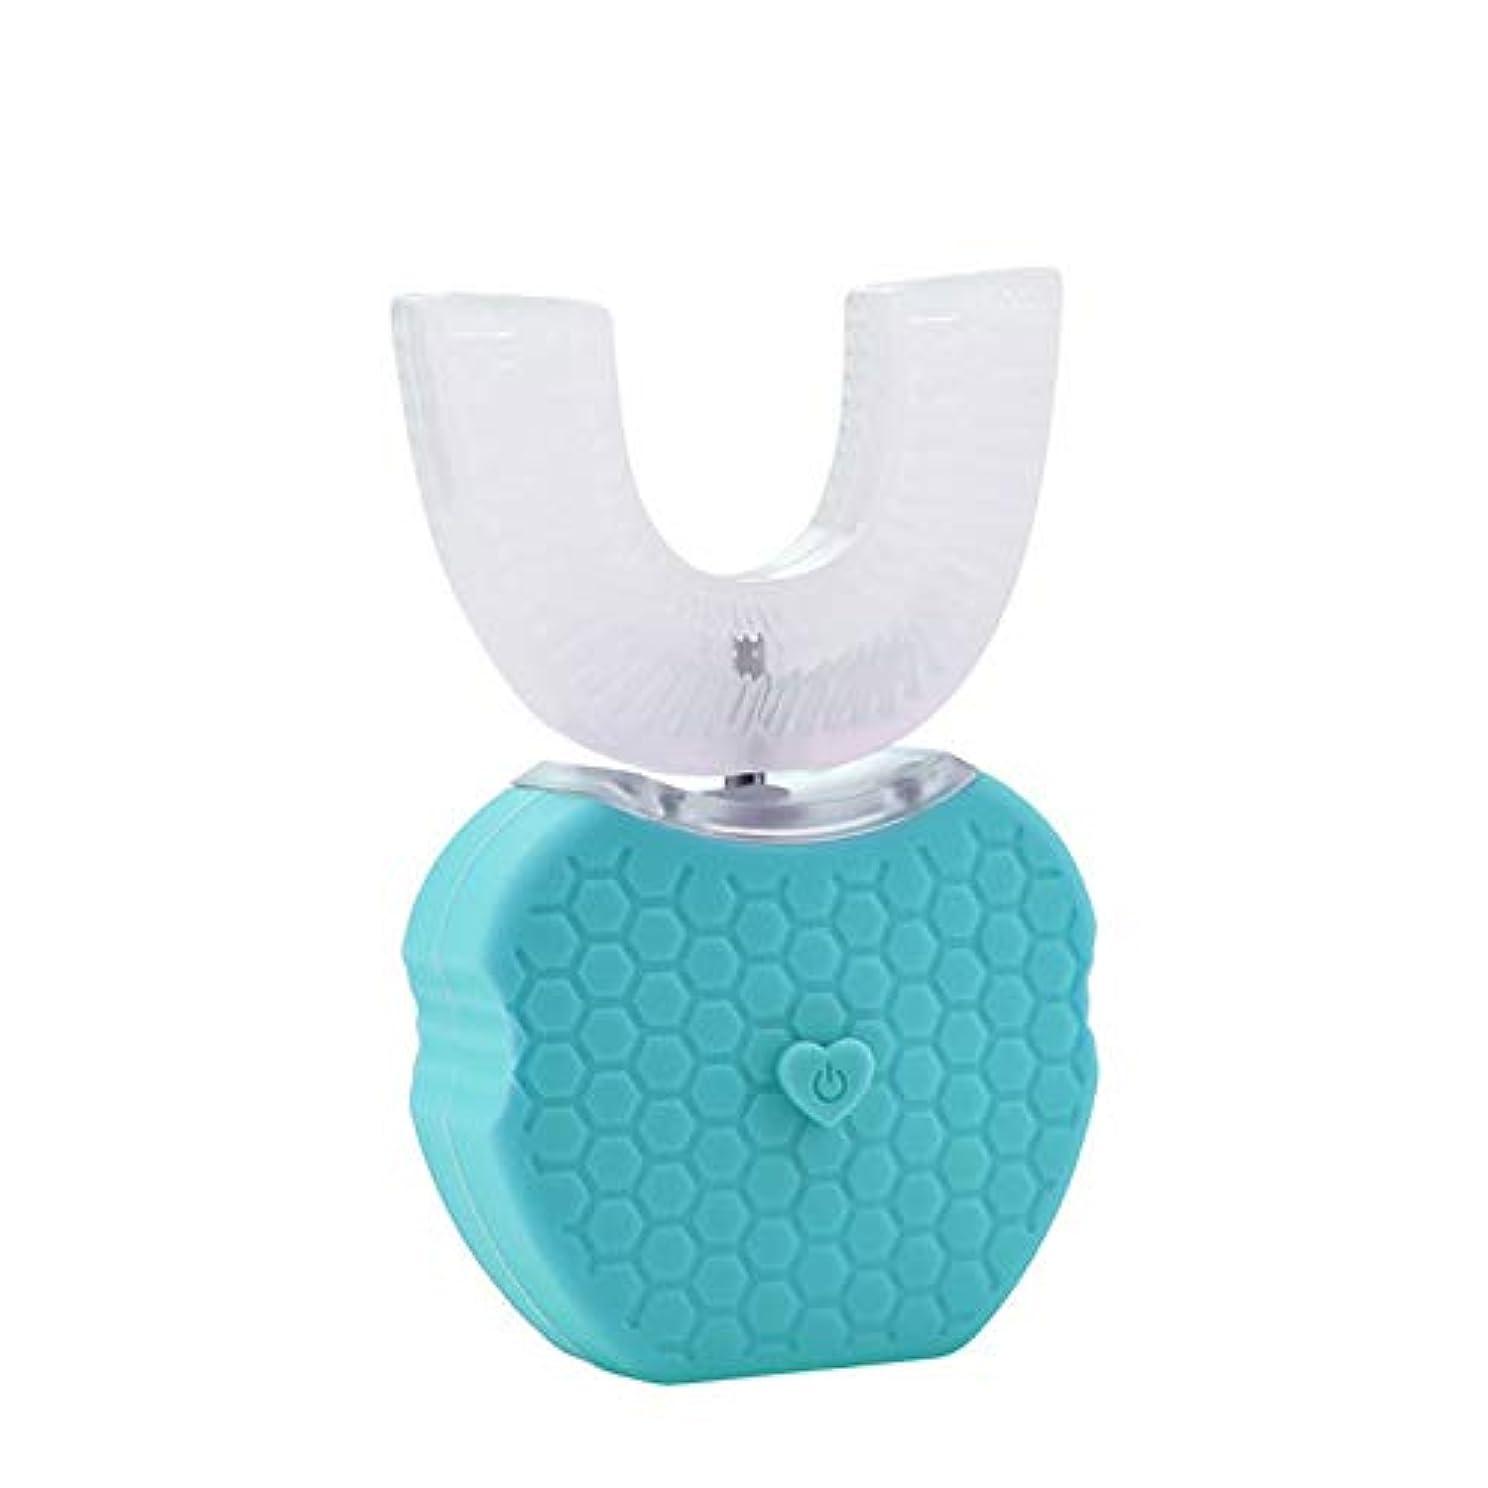 粗いウサギ軍団フルオートマチック可変周波数電動歯ブラシ、自動360度U字型電動歯ブラシ、ワイヤレス充電IPX7防水自動歯ブラシ(大人用),Blue